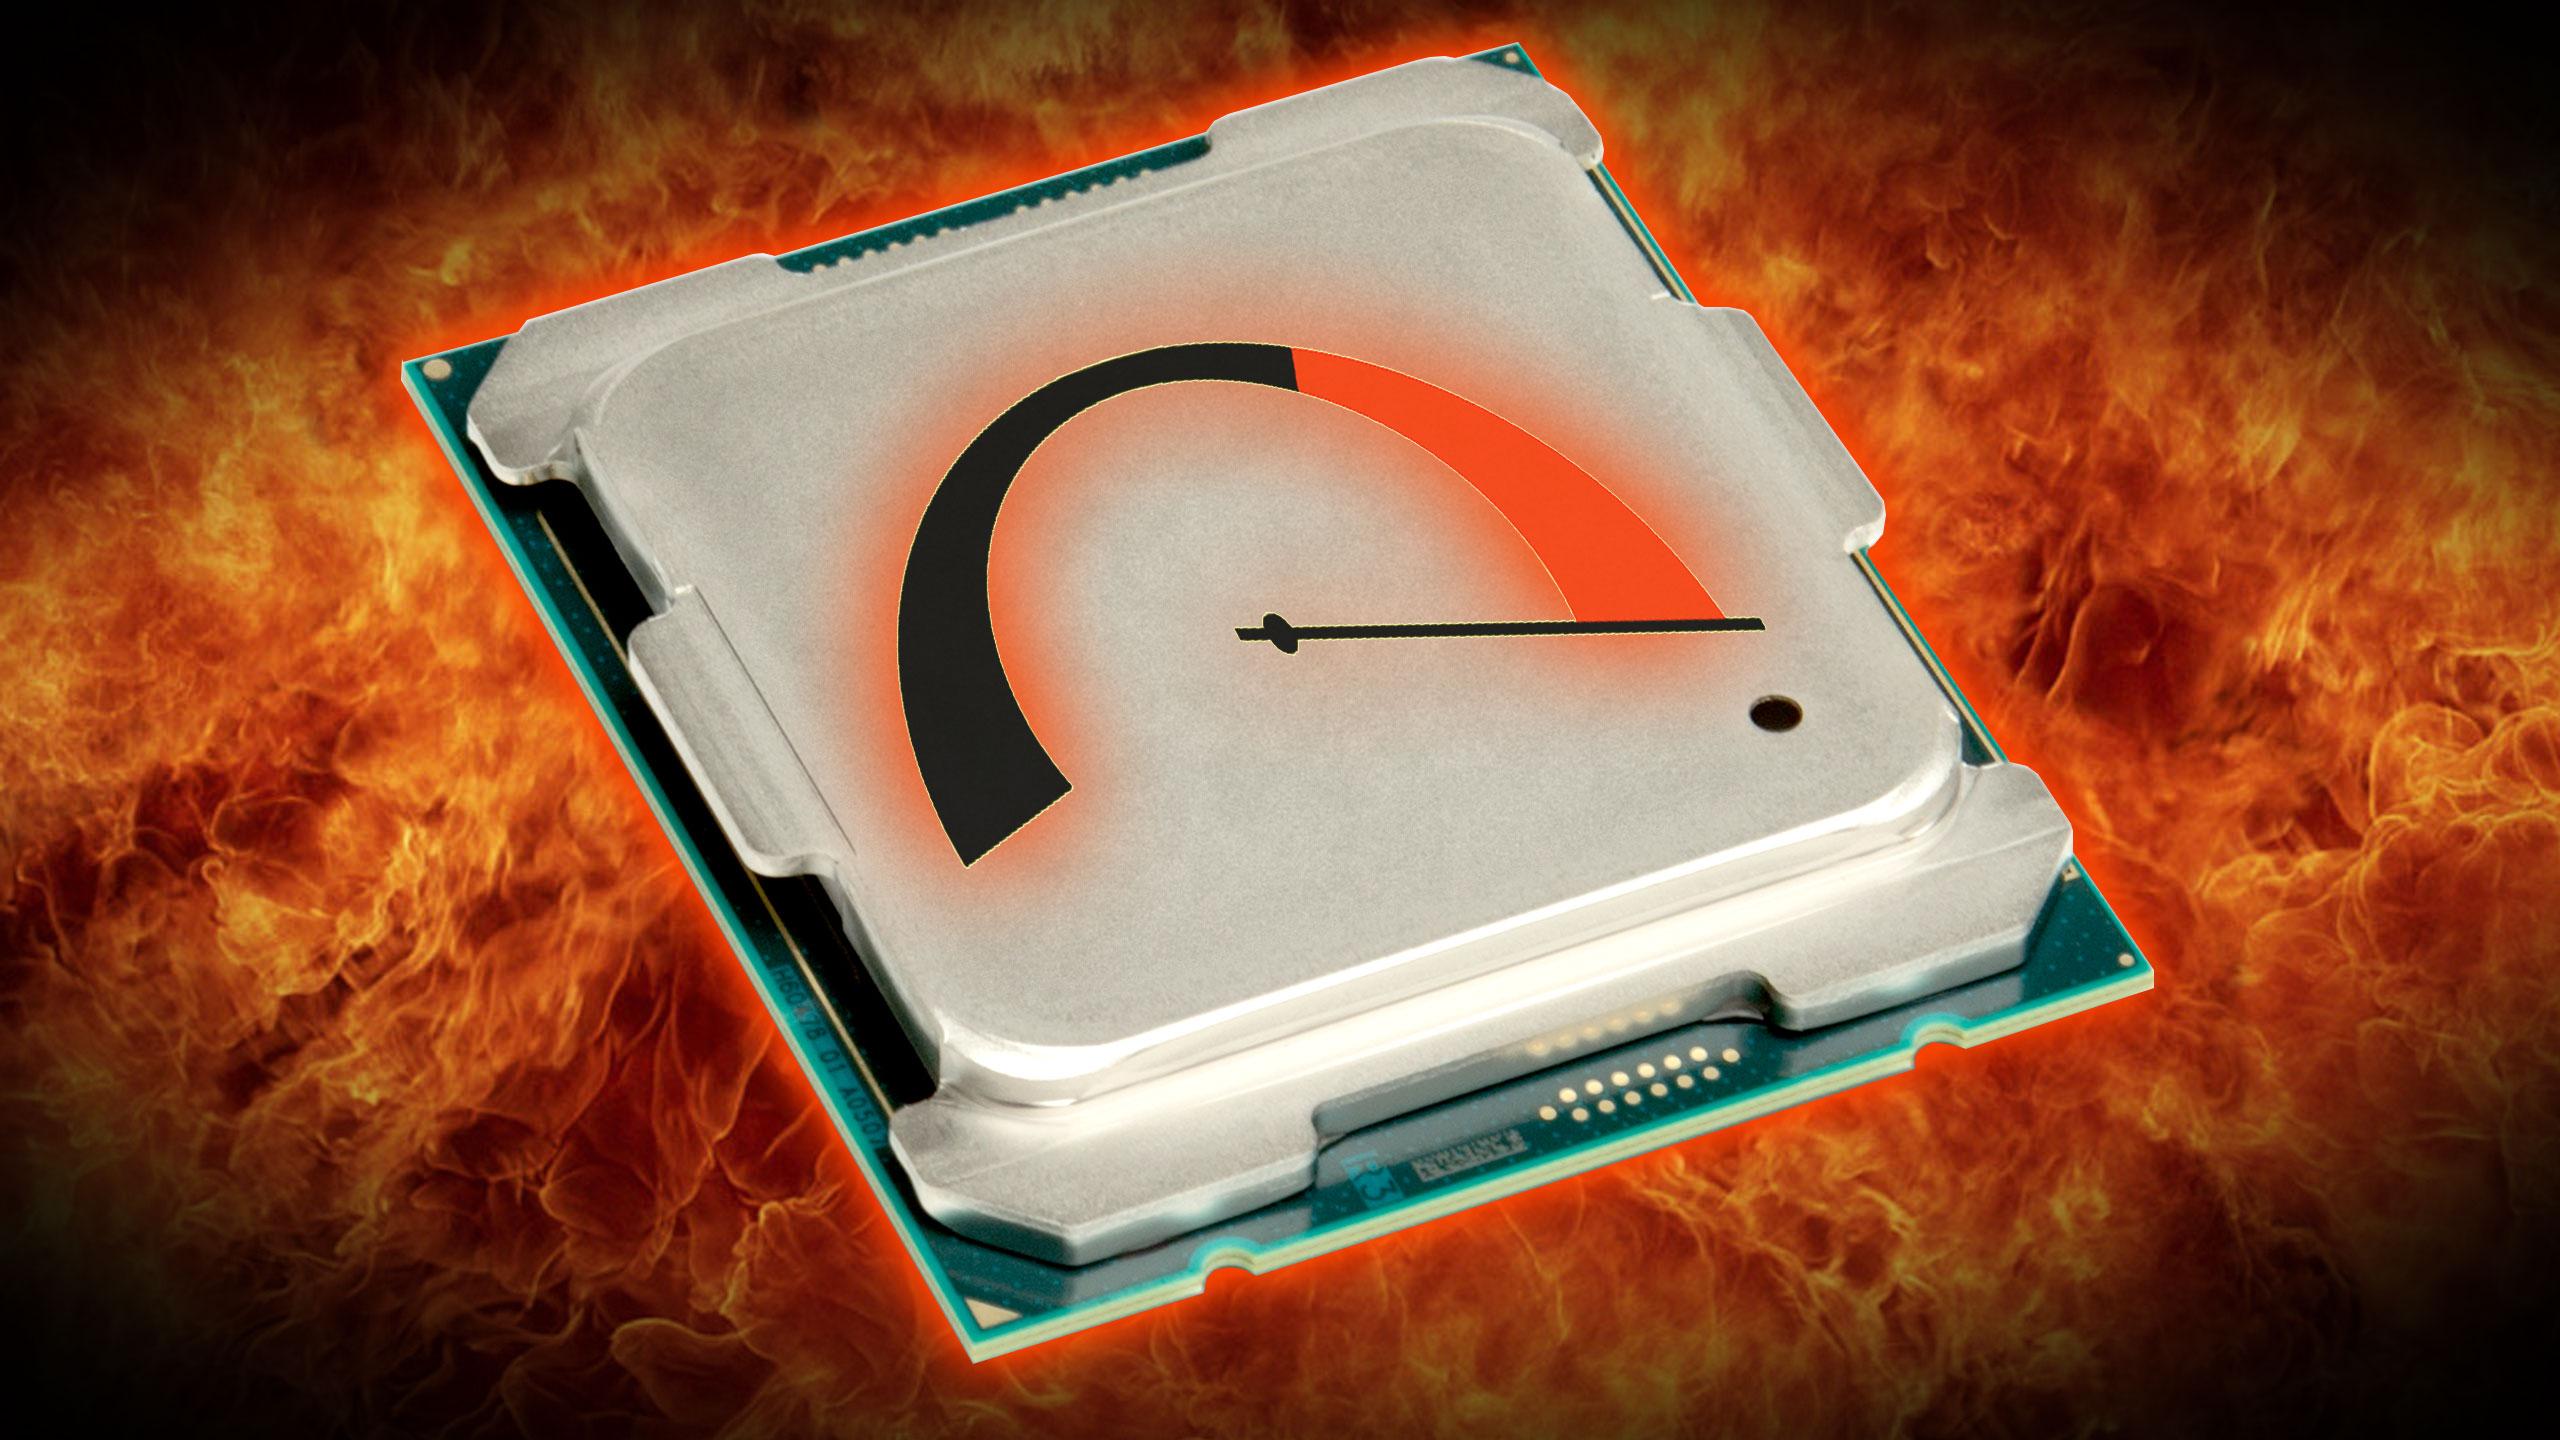 علت داغ شدن کامپیوتر چیست و چه راه حلی دارد؟